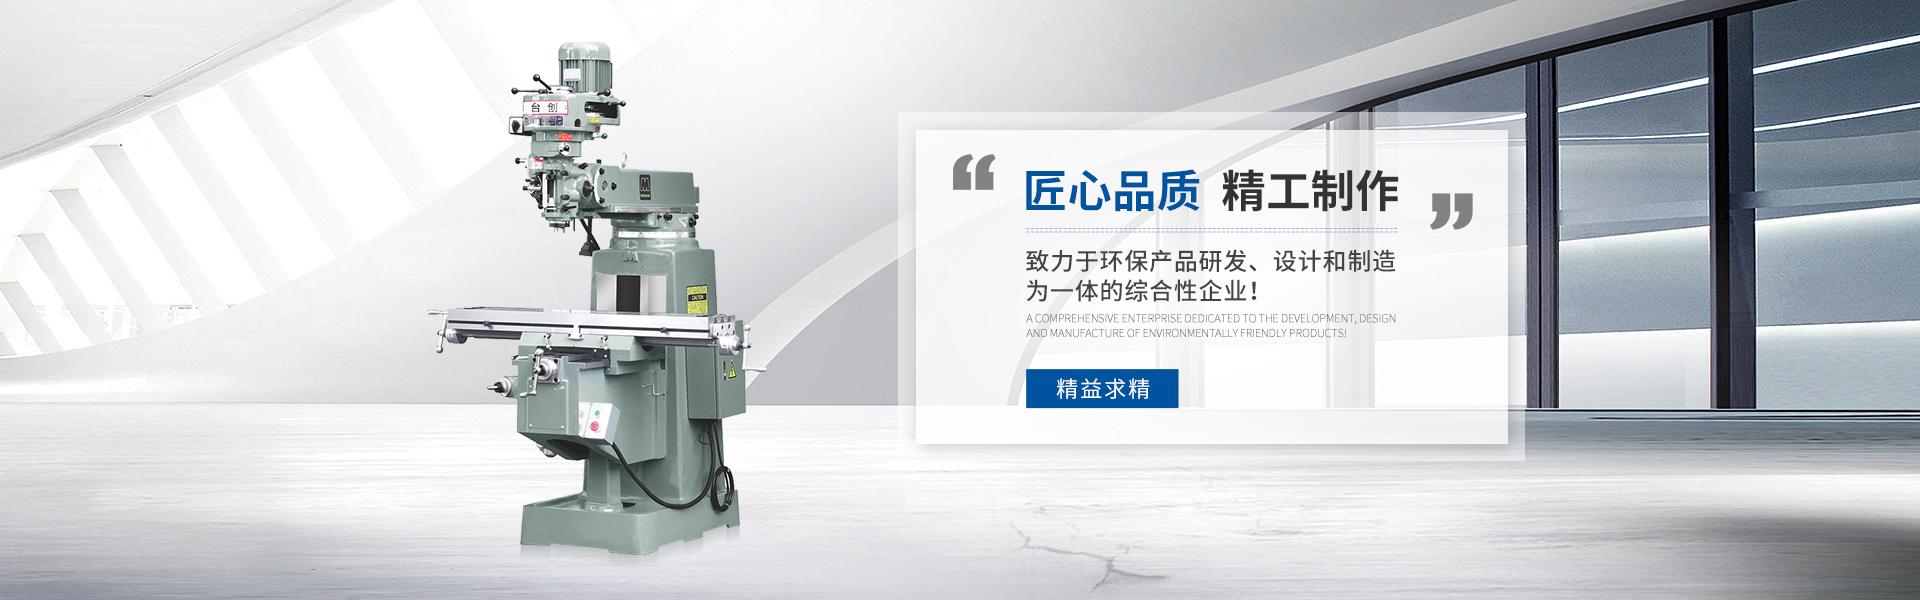 苏州台创机床设备有限公司